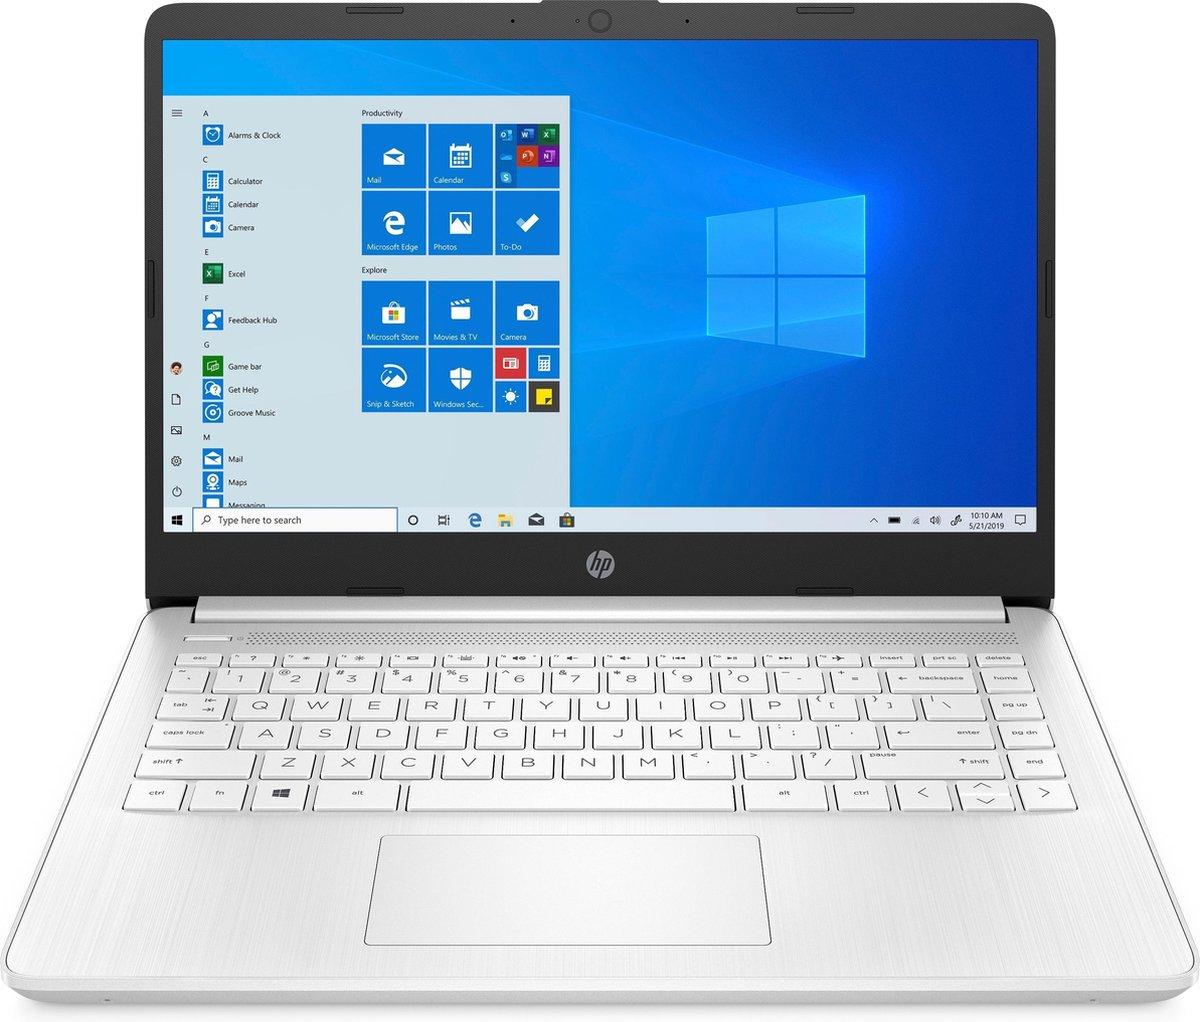 """HP 14s-fq0038nd DDR4-SDRAM Notebook 35,6 cm (14"""") 1920 x 1080 Pixels AMD Ryzen 3 4 GB 128 GB SSD Wi-Fi 5 (802.11ac) Windows 10 Home S Wit"""